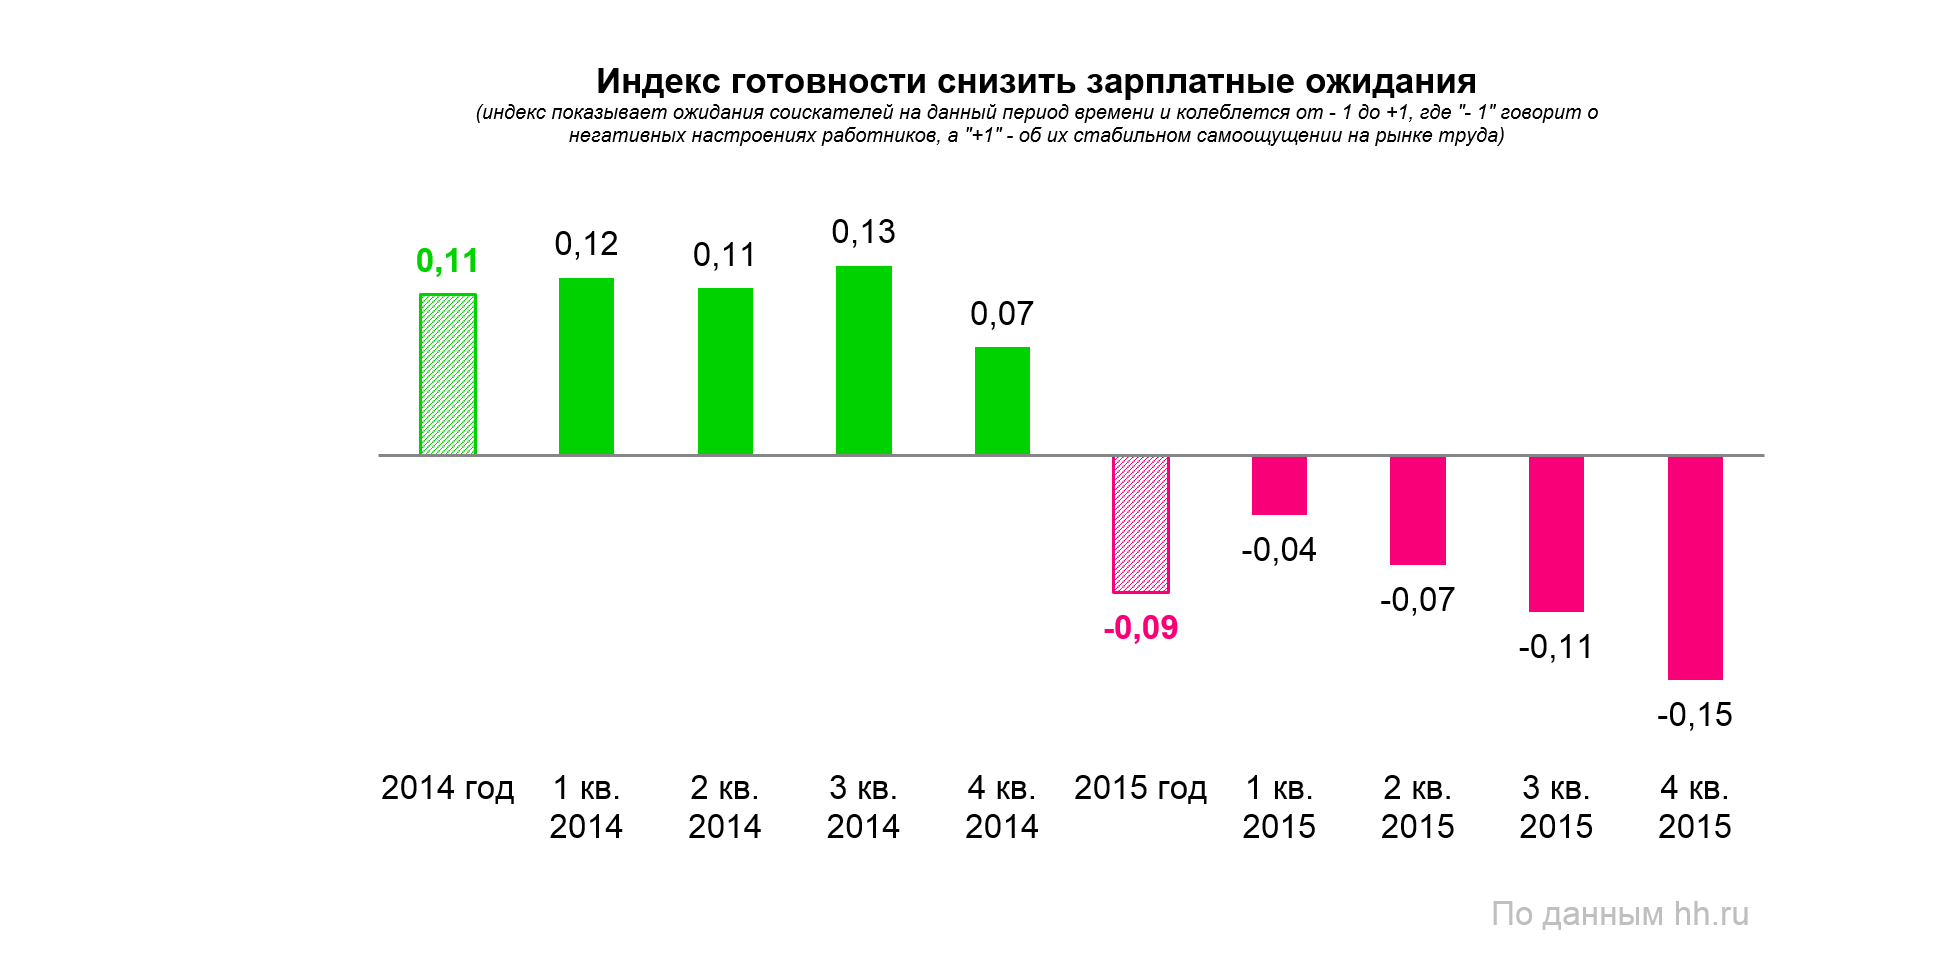 Индекс самочувствия соискателей: на рынке труда  — долгая «осень»